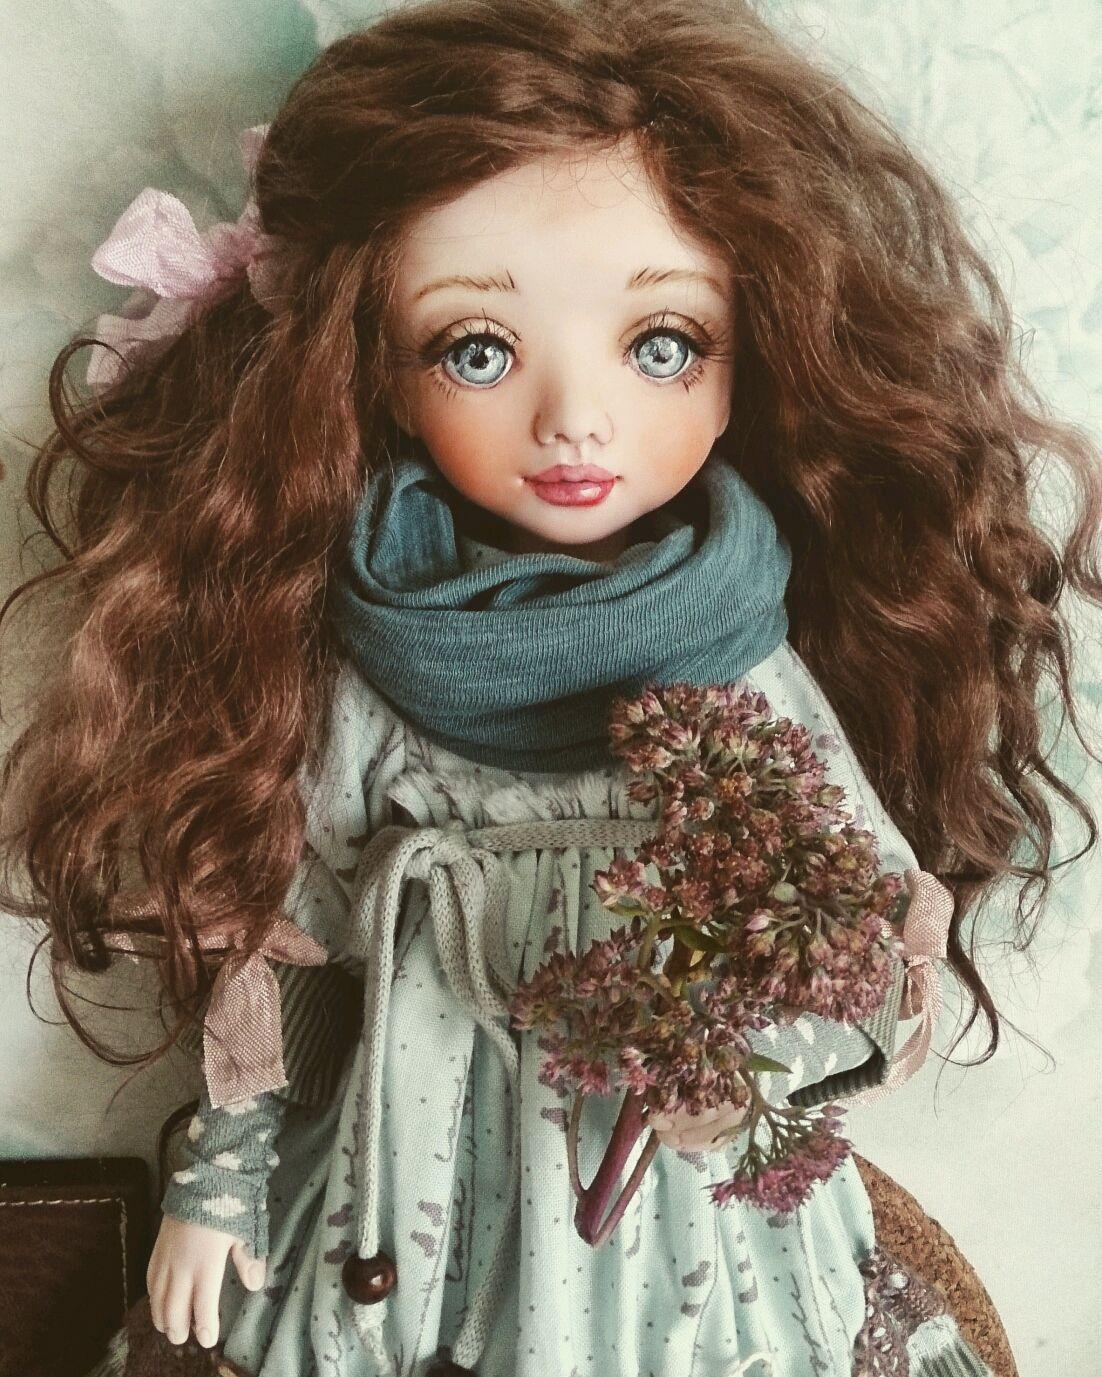 жизни кукла авторская картинки опишем